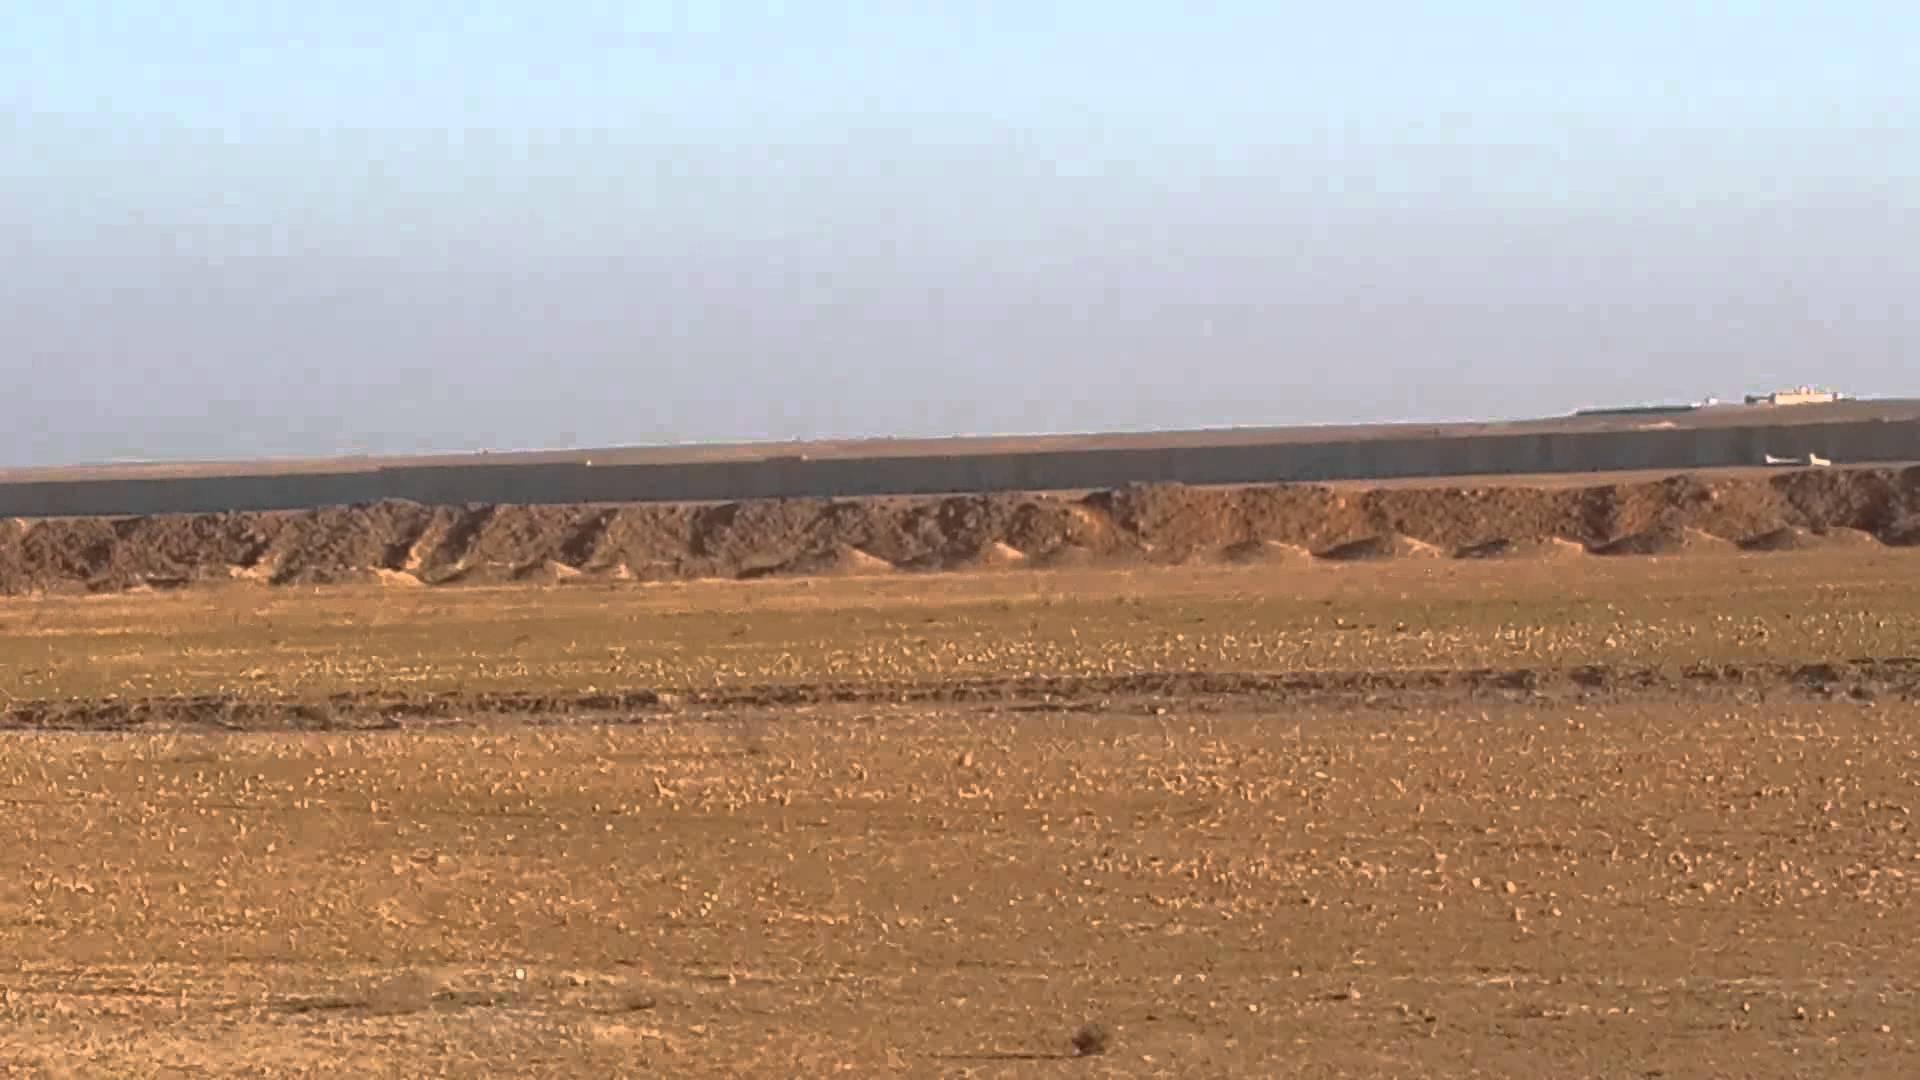 البدء بإقامة سواتر ترابية على الحدود العراقية - السورية